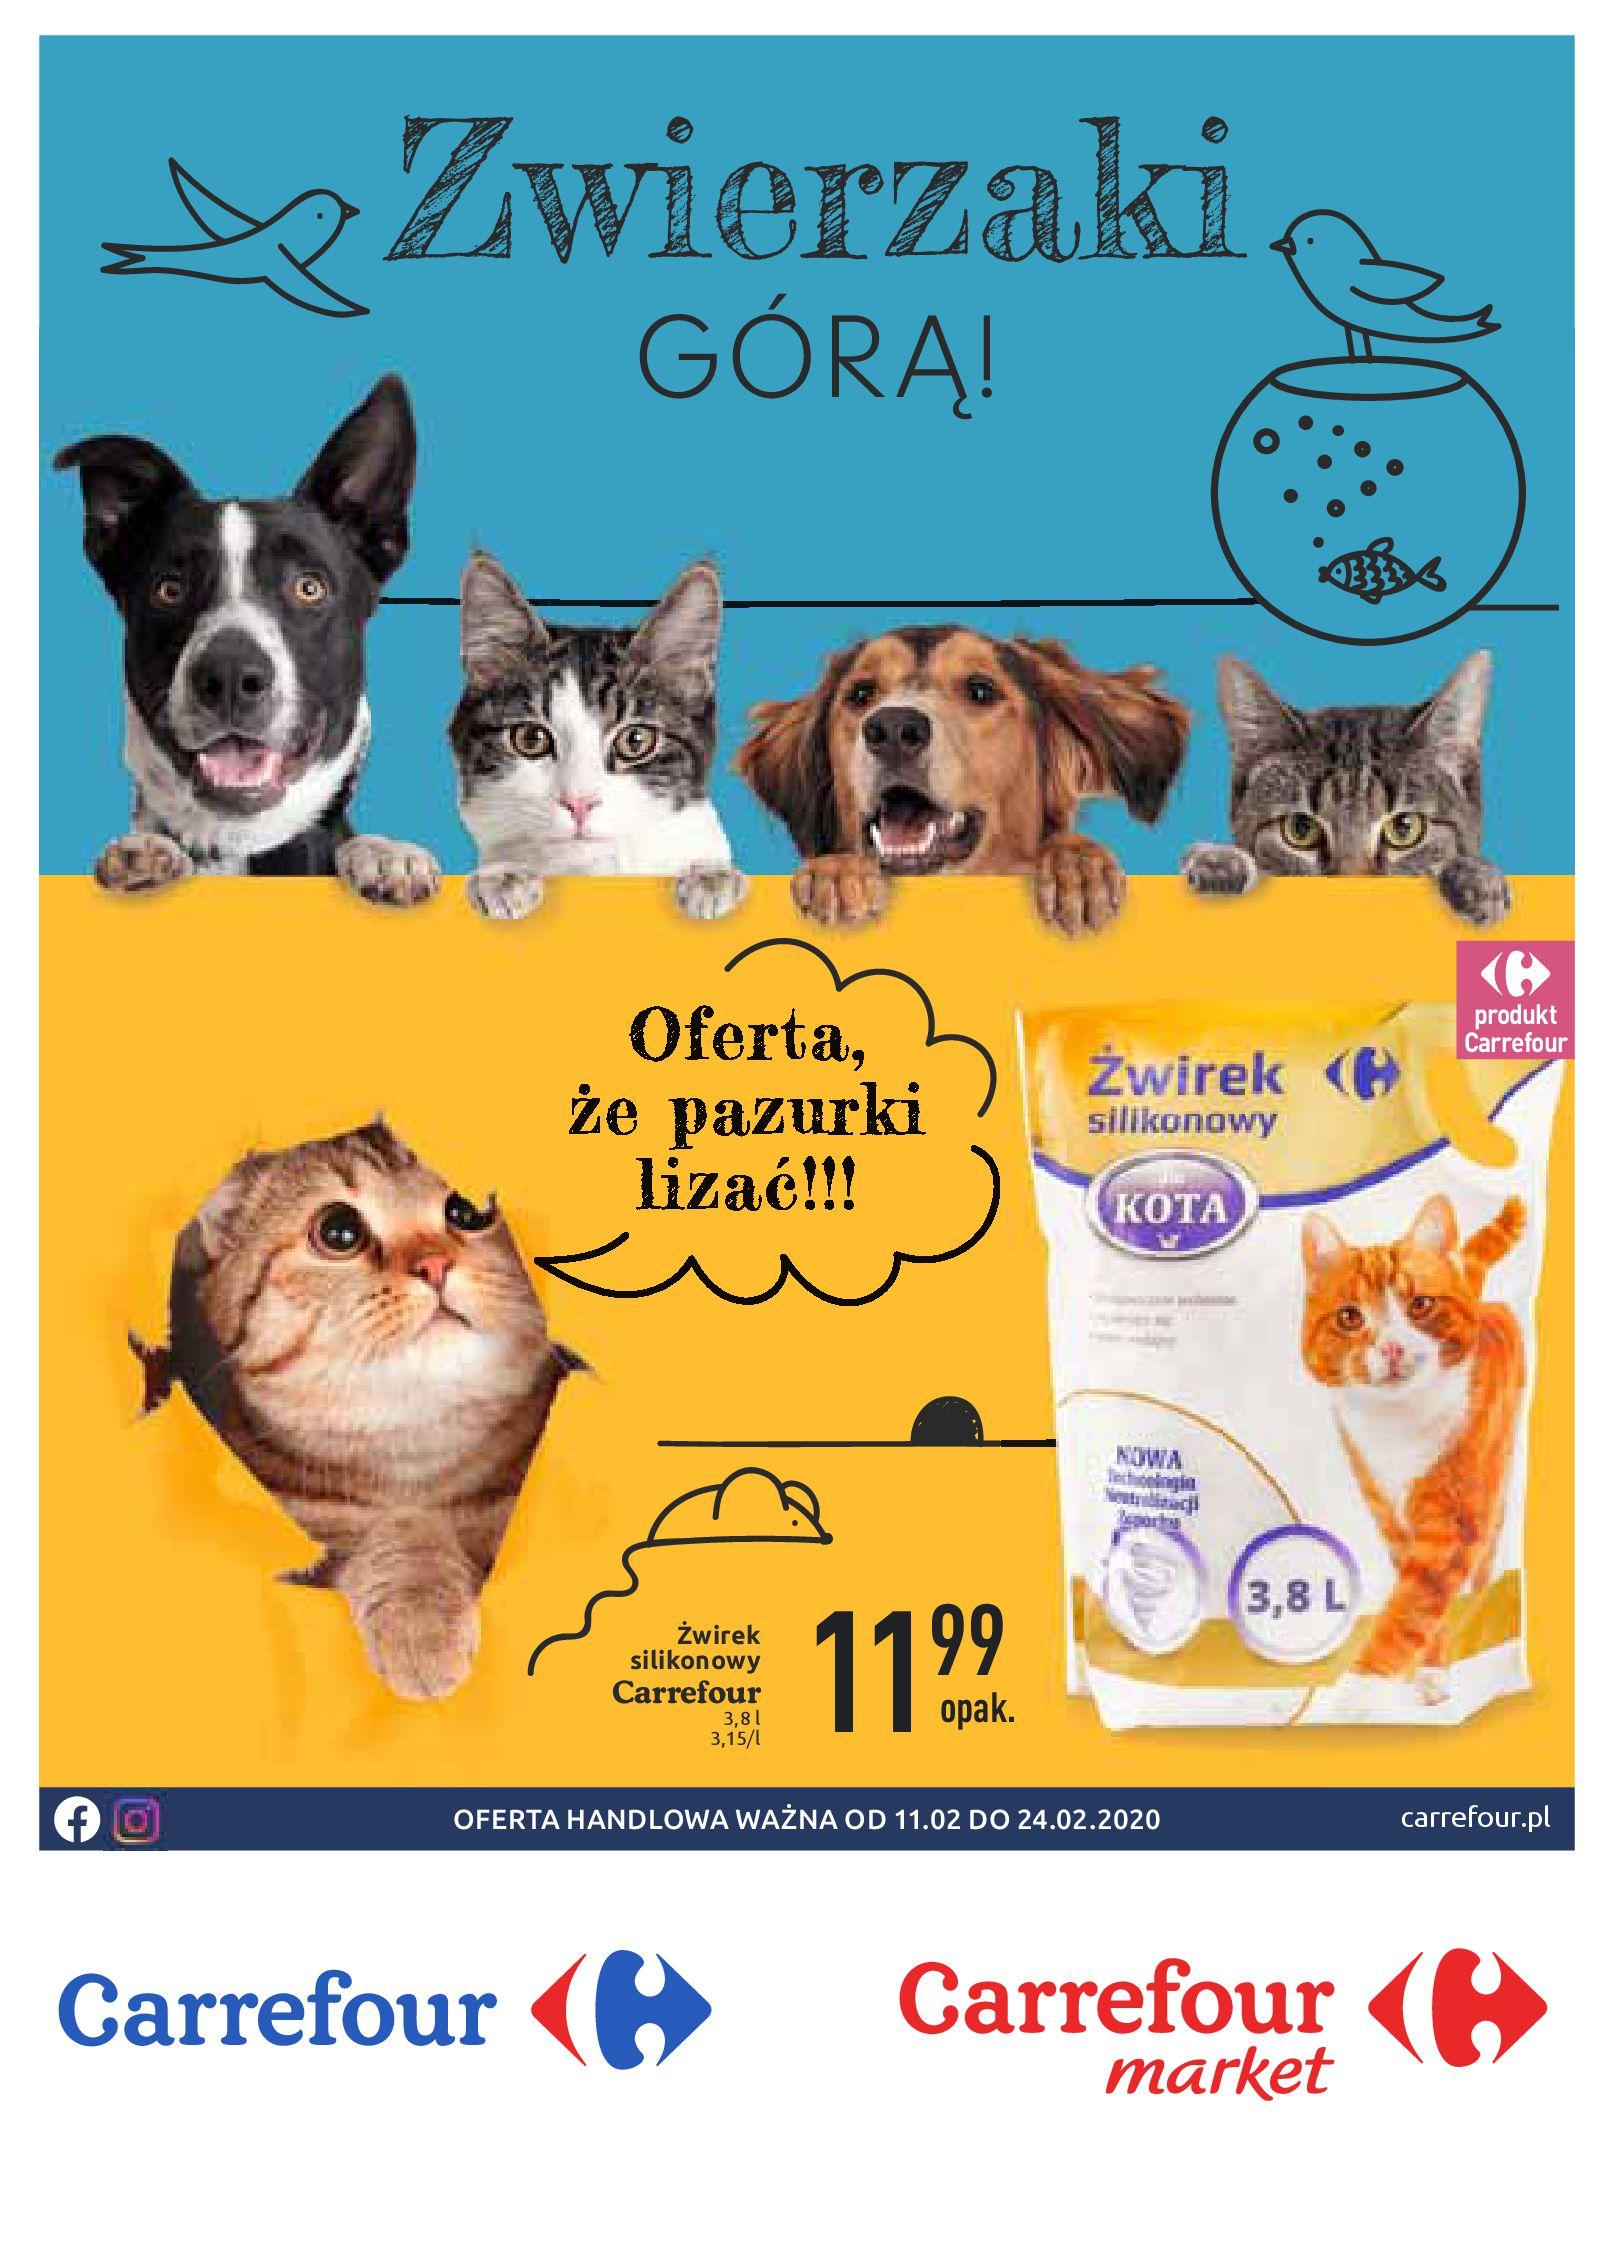 Gazetka Carrefour - Zwierzaki GÓRĄ!-10.02.2020-24.02.2020-page-1